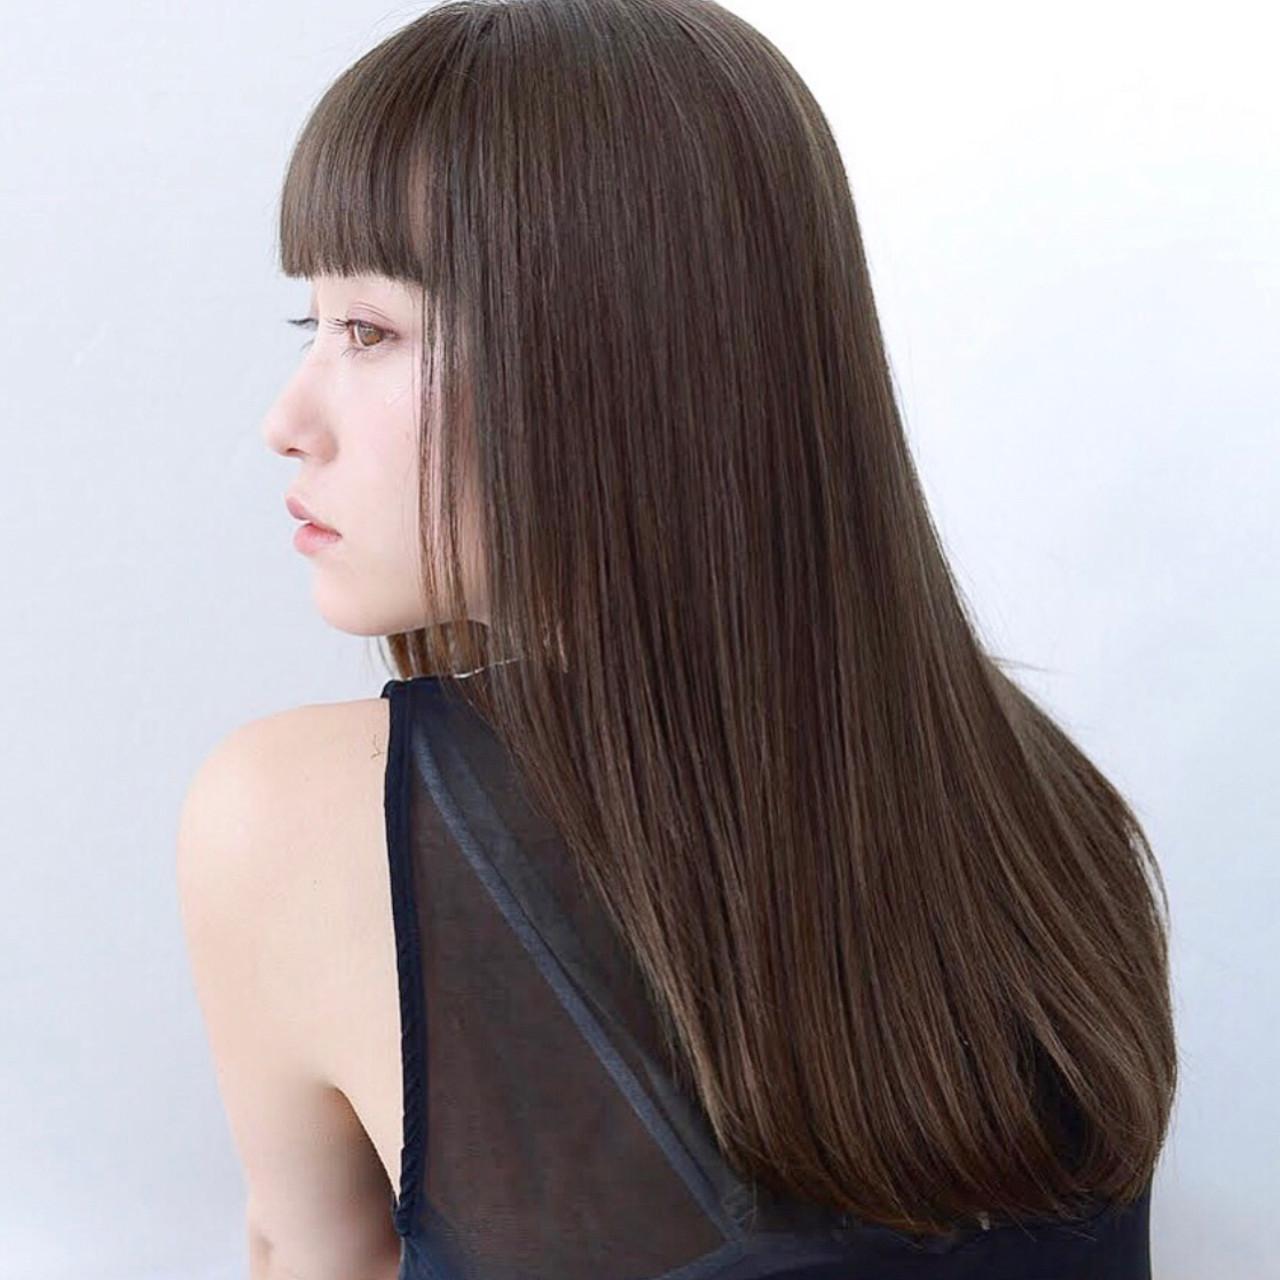 たまには髪にもご褒美を♡市販でGETできる集中ケアトリートメント